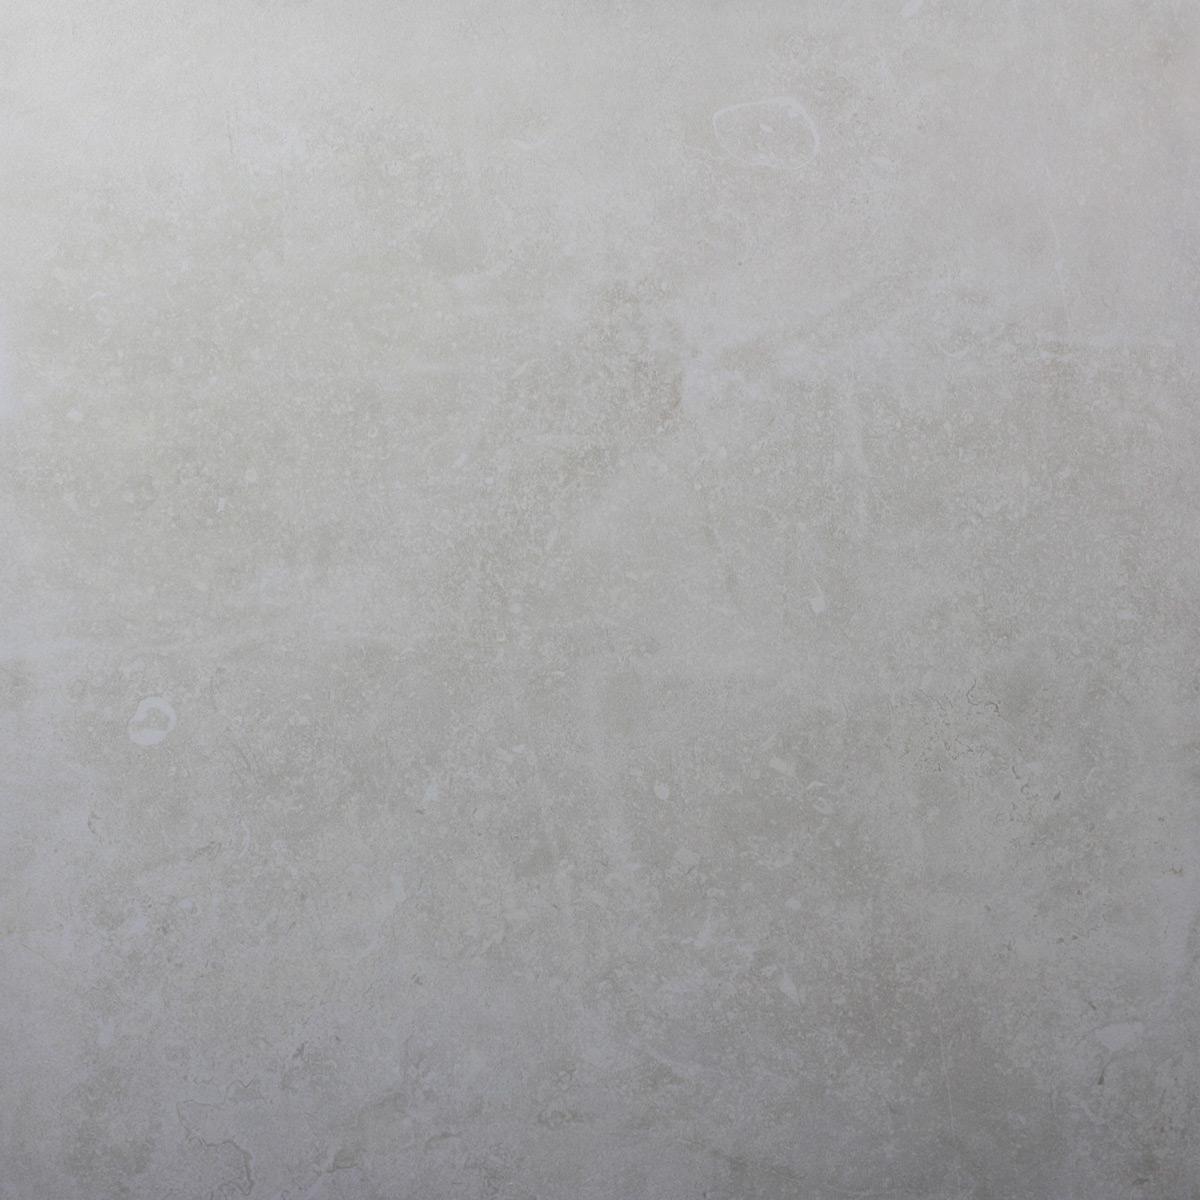 Castelvetro Absolute Boden-/Wandfliese CAU60R1 bianco 60x60 matt